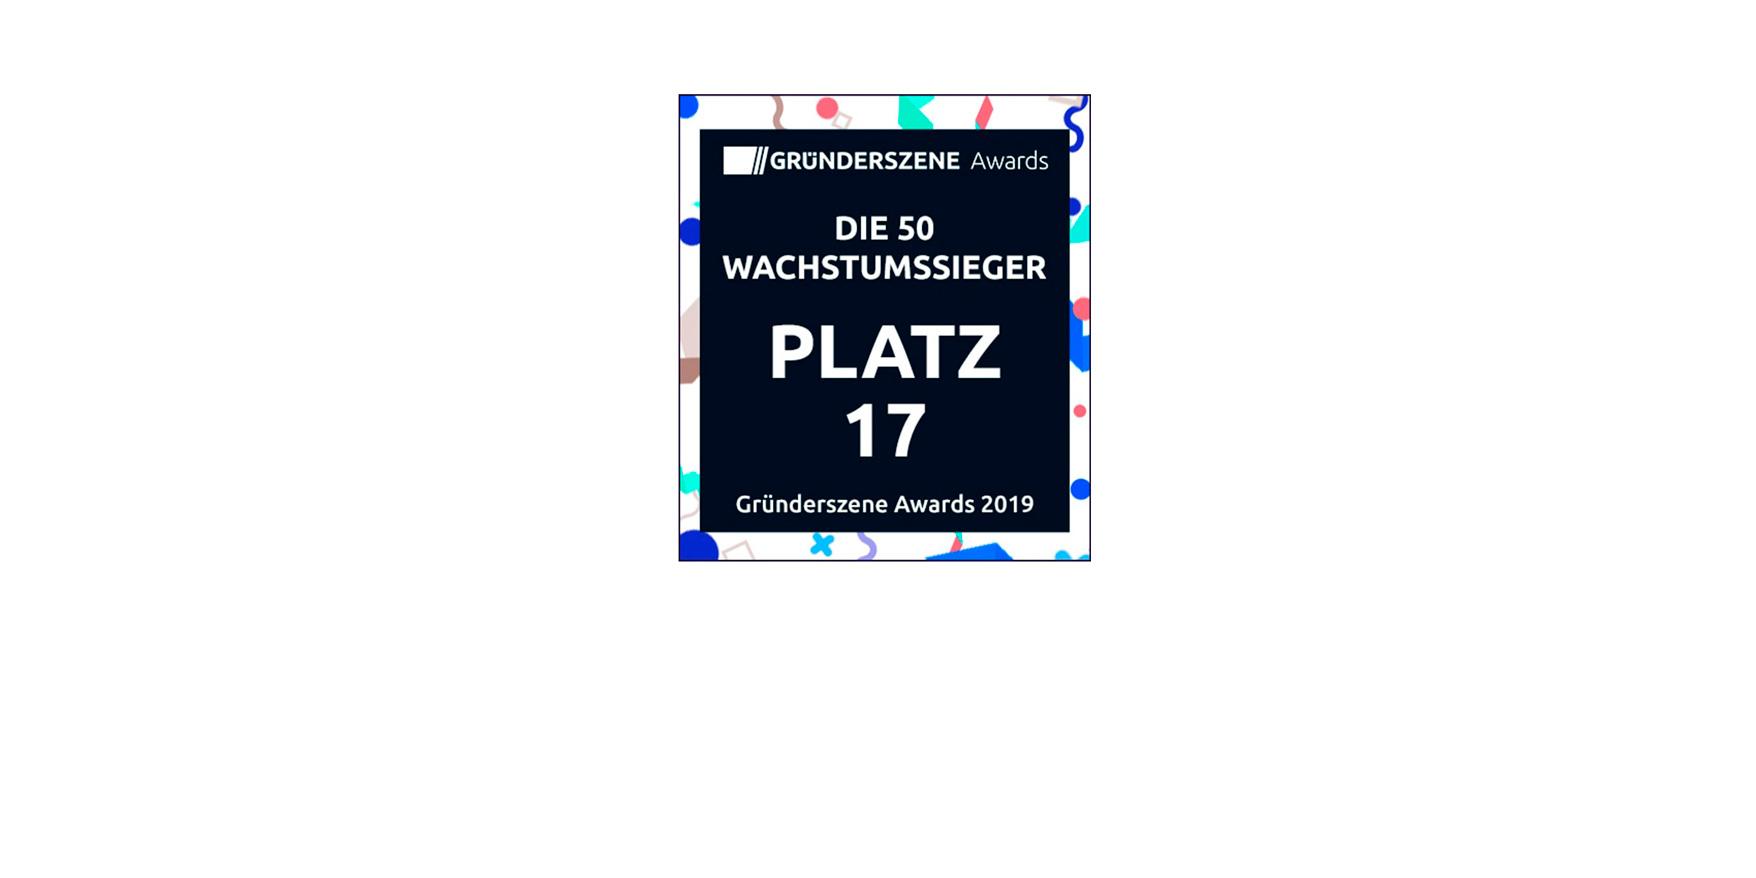 Platz 17 beim Gründerszene Awards